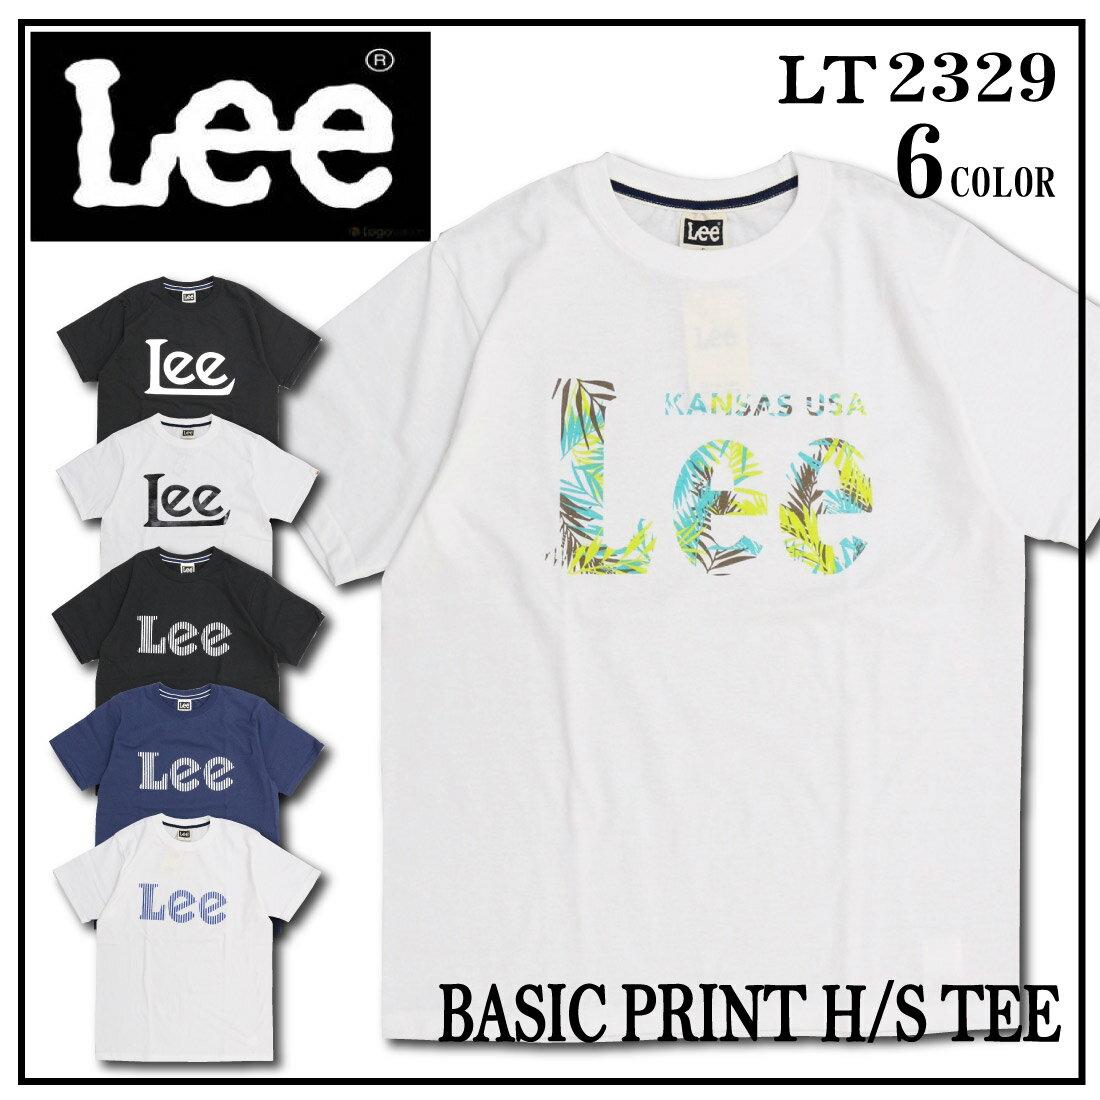 LEE リー Tシャツ 半袖 LT2329 半T ロゴ プリント 柄 クルーネック メンズ S/M/L トップス